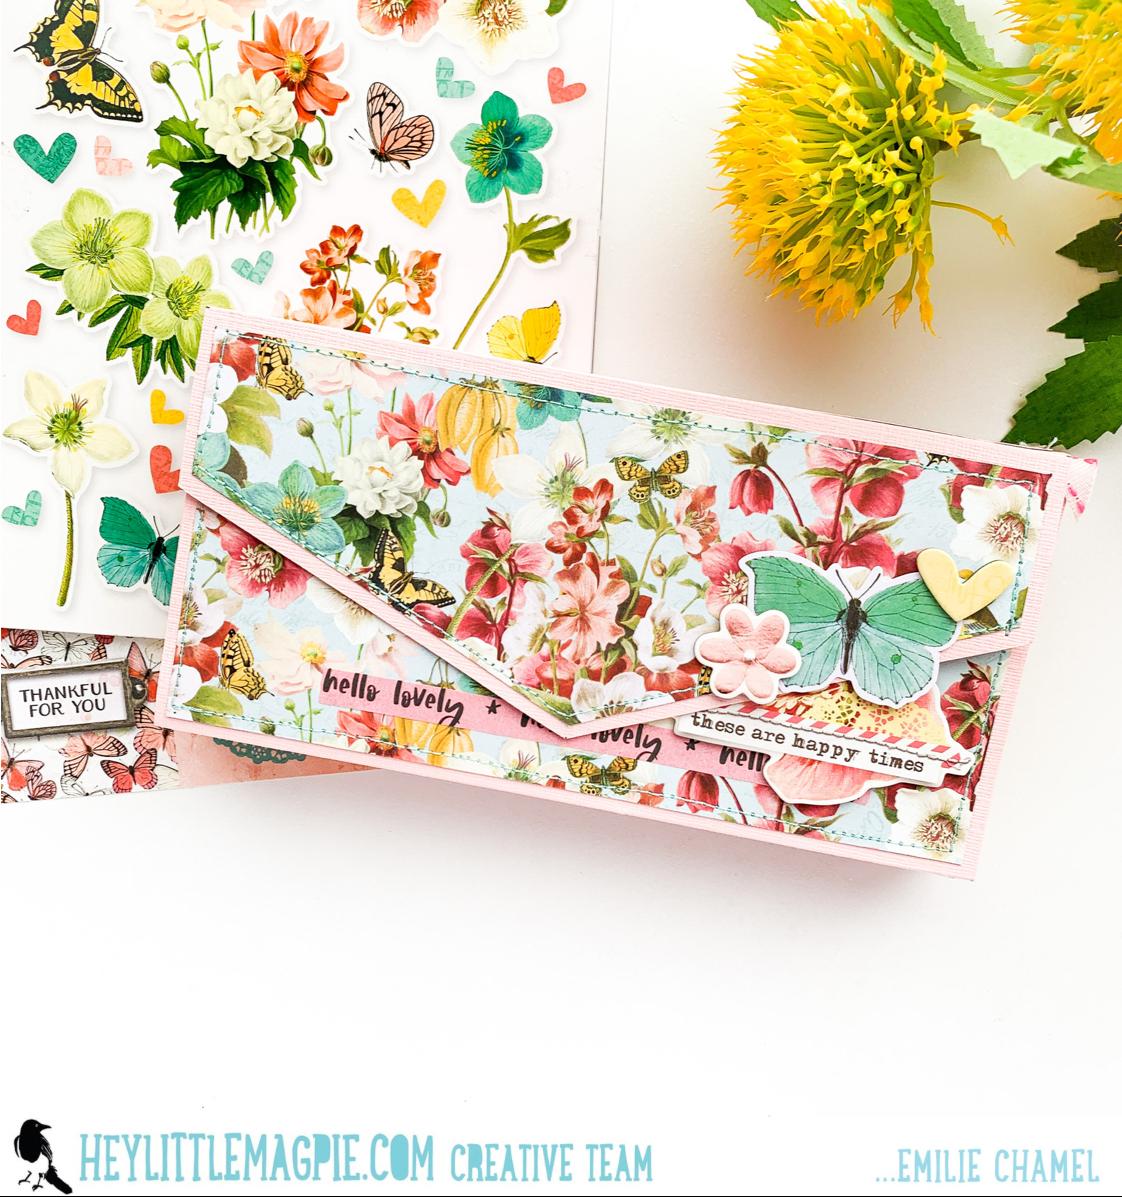 Simple Stories – Simple Vintage Cottage Fields – Emilie Chamel Part 2